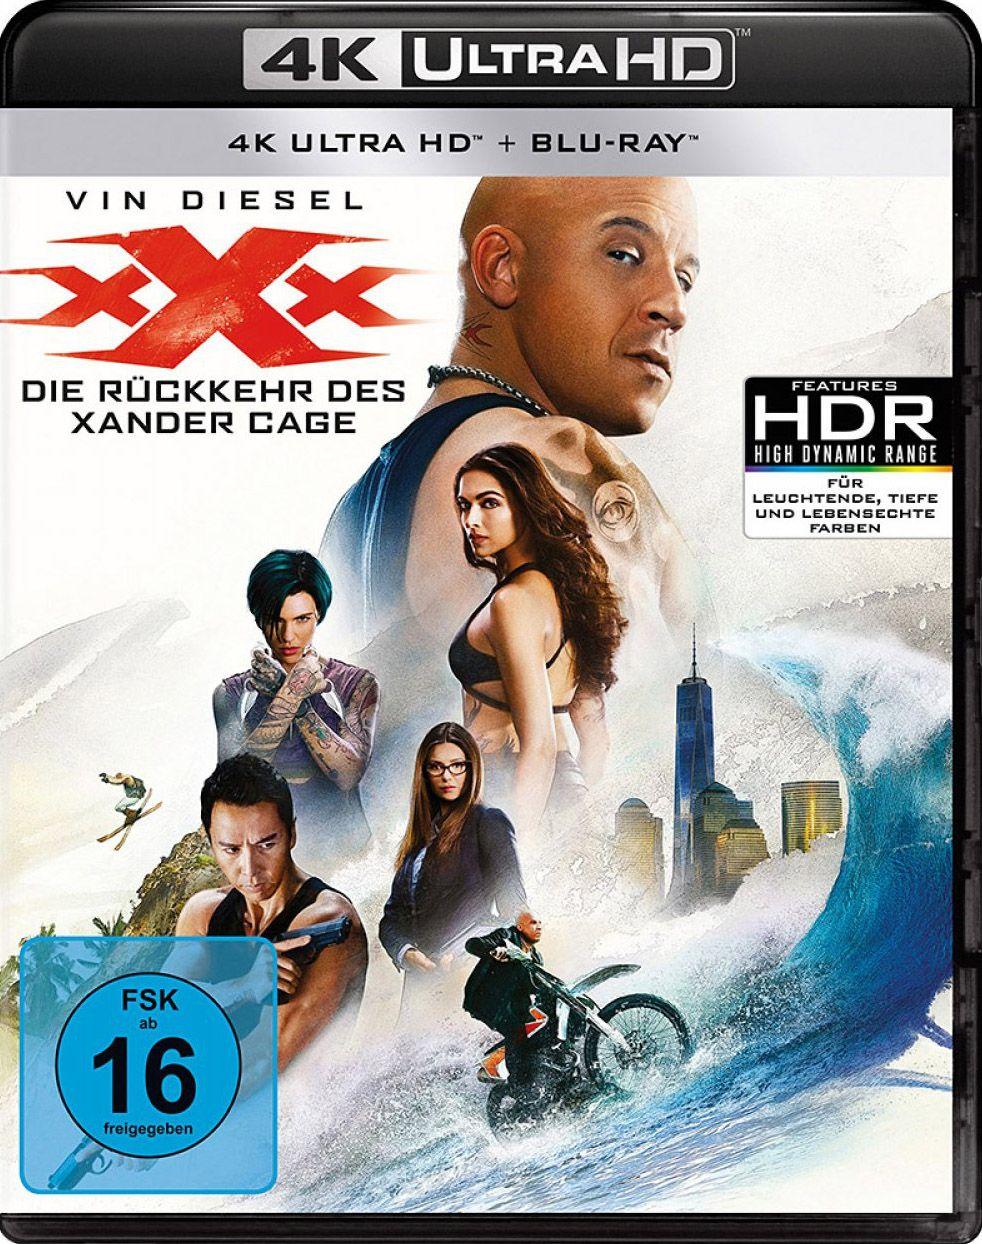 xXx - Die Rückkehr des Xander Cage (2 Discs) (UHD BLURAY + BLURAY)